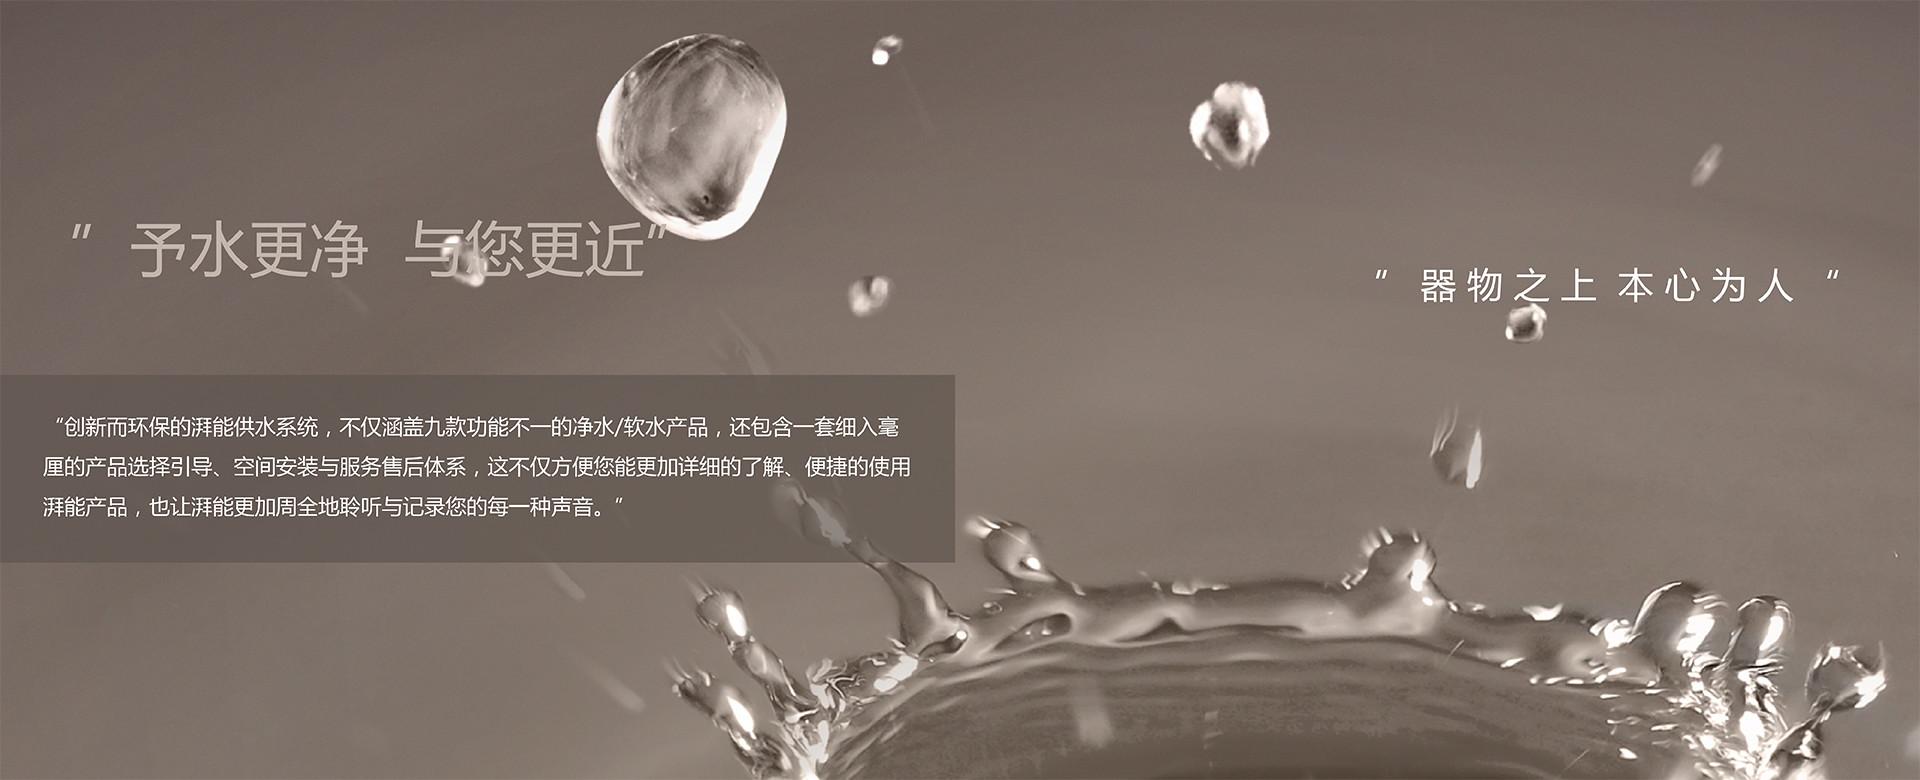 无盐饮水,予水更净,与您更近